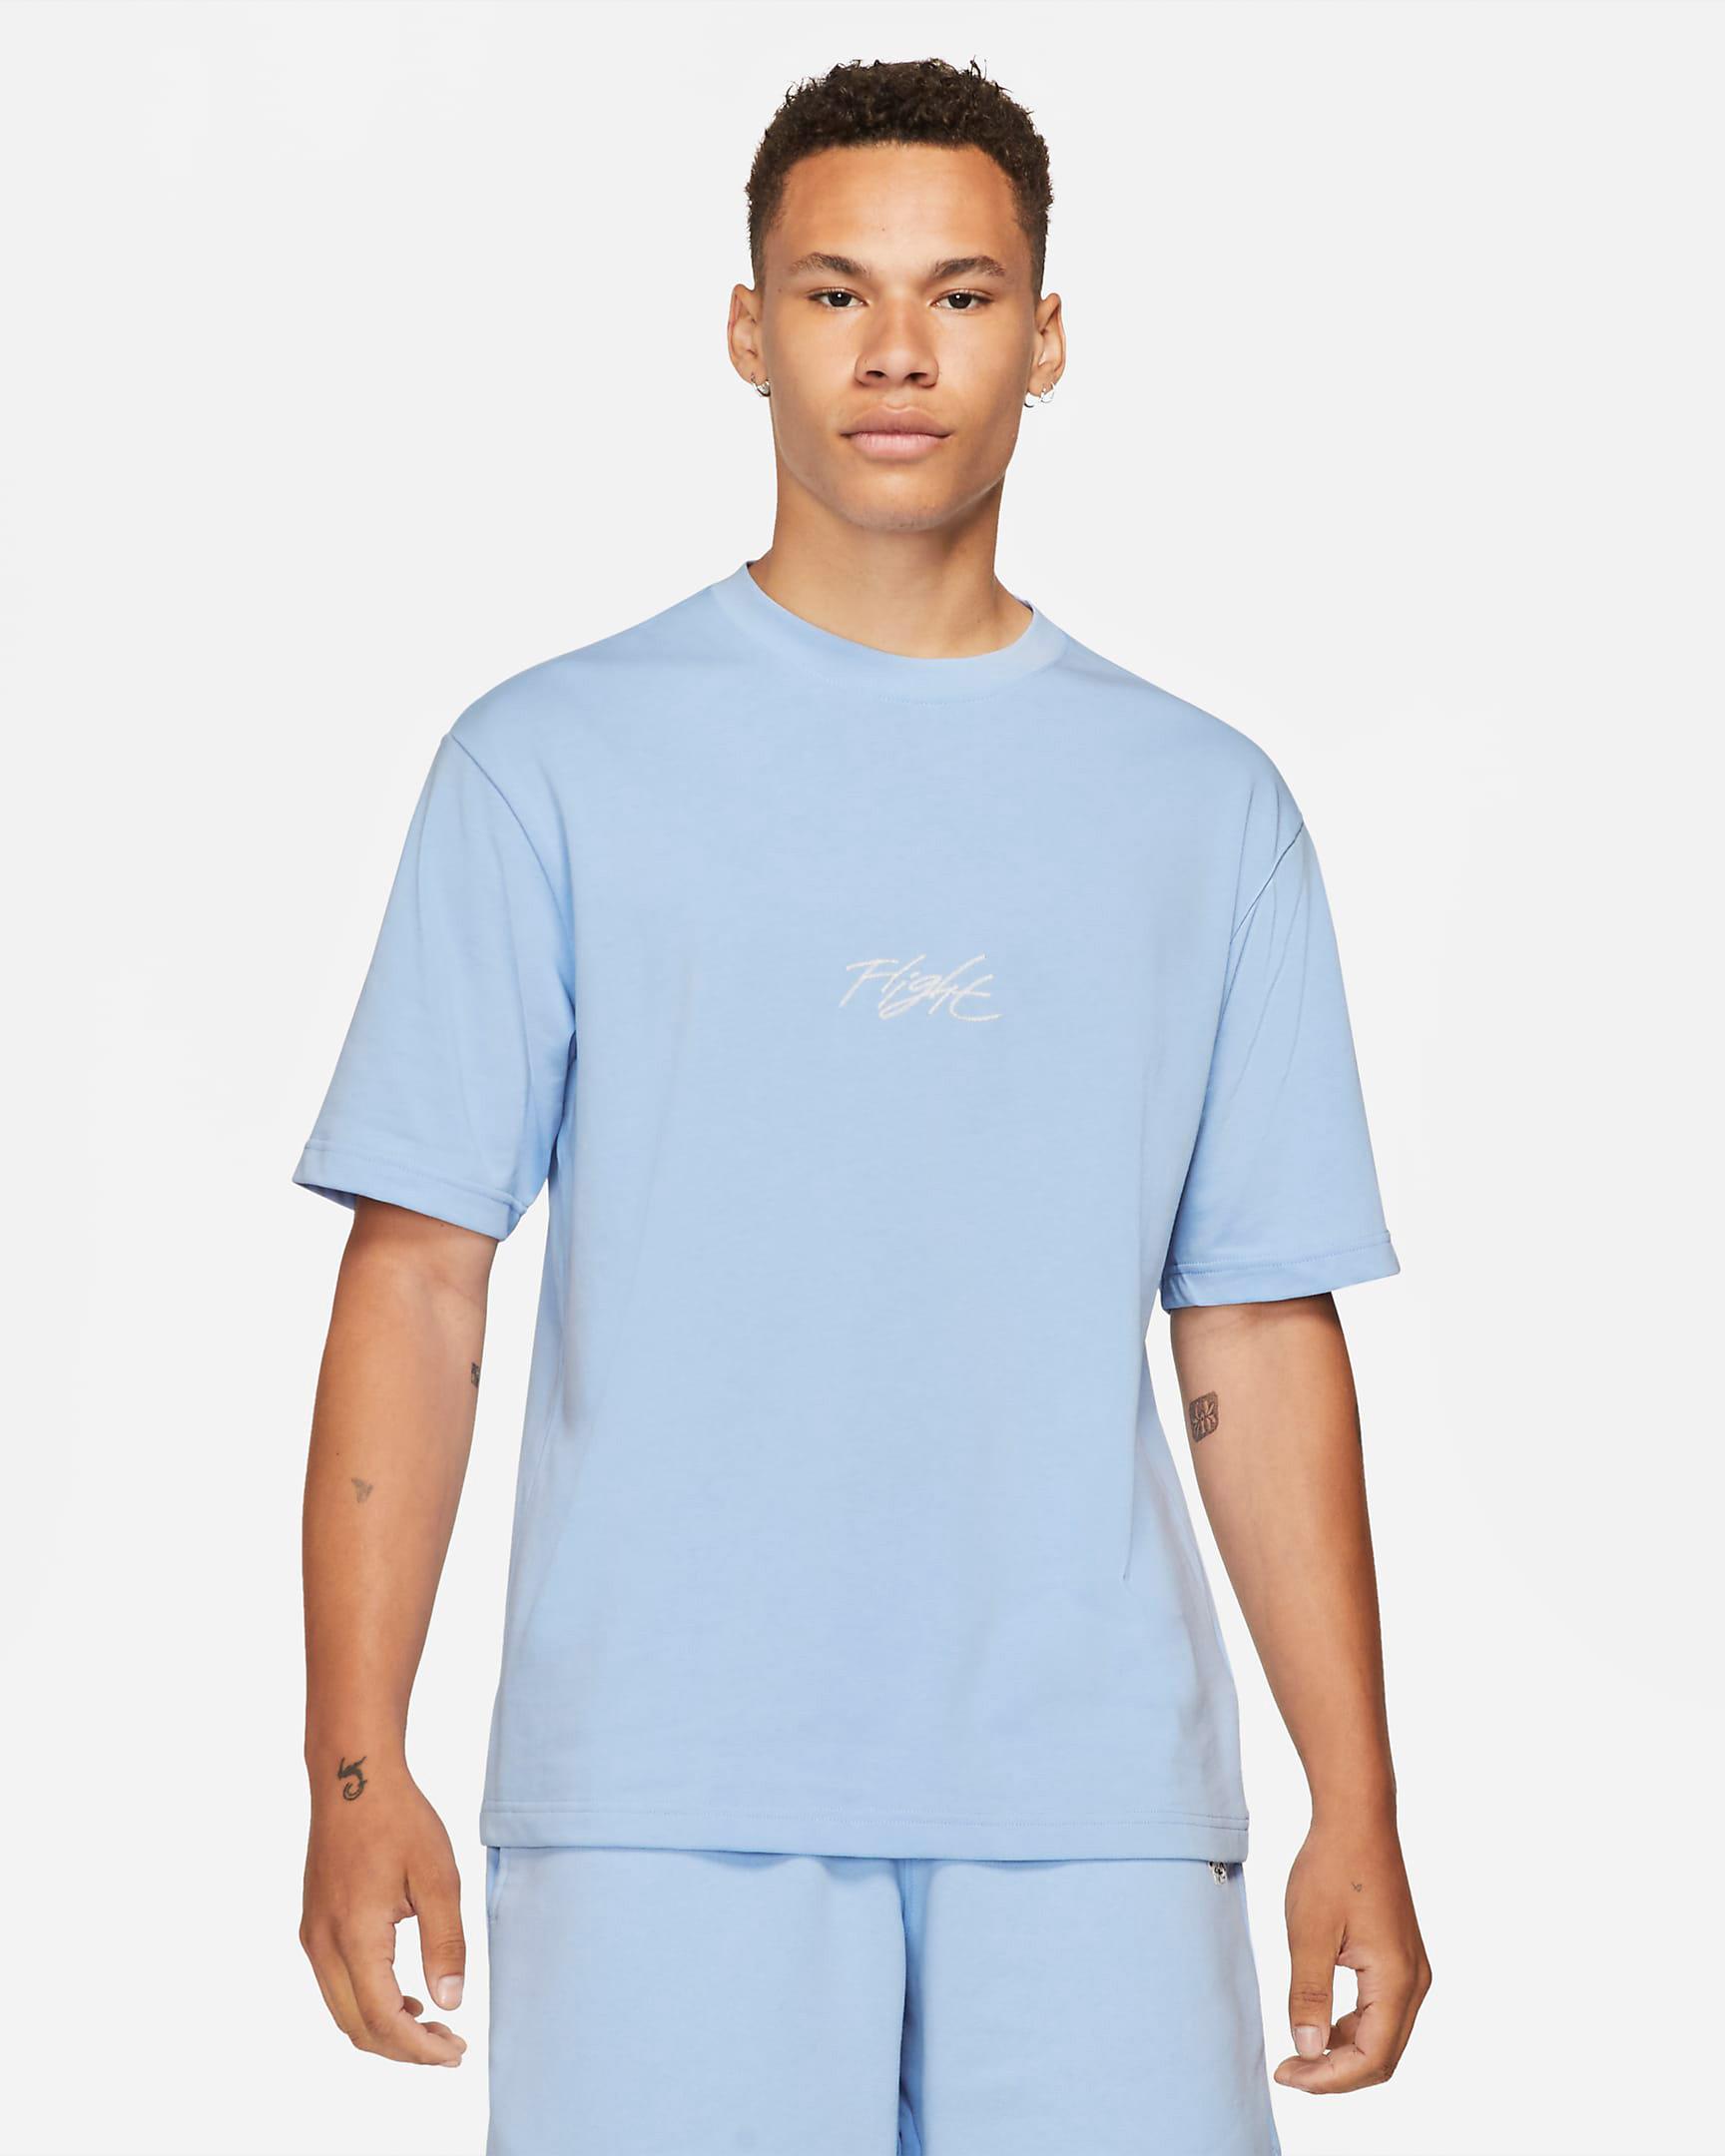 jordan-5-bluebird-shirt